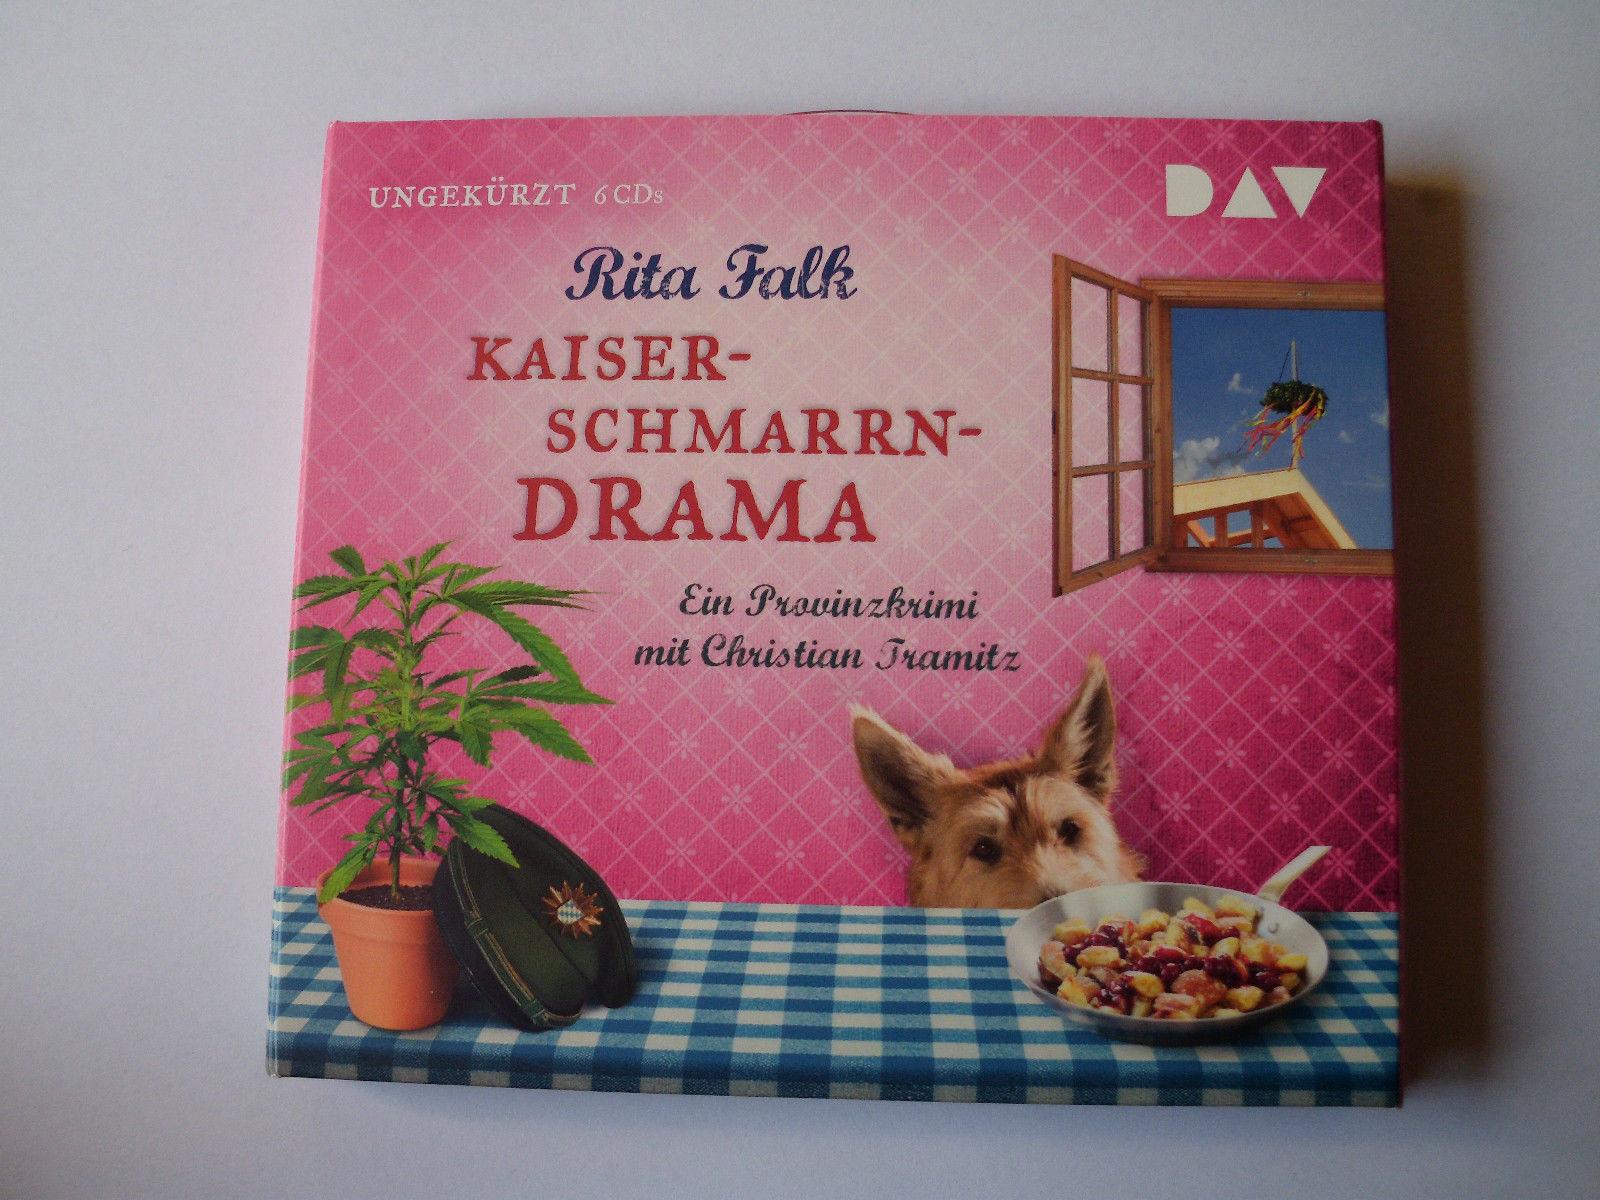 Hörbuch Kaiserschmarrndrama v. Rita Falk 6 CD ´s neuwertig